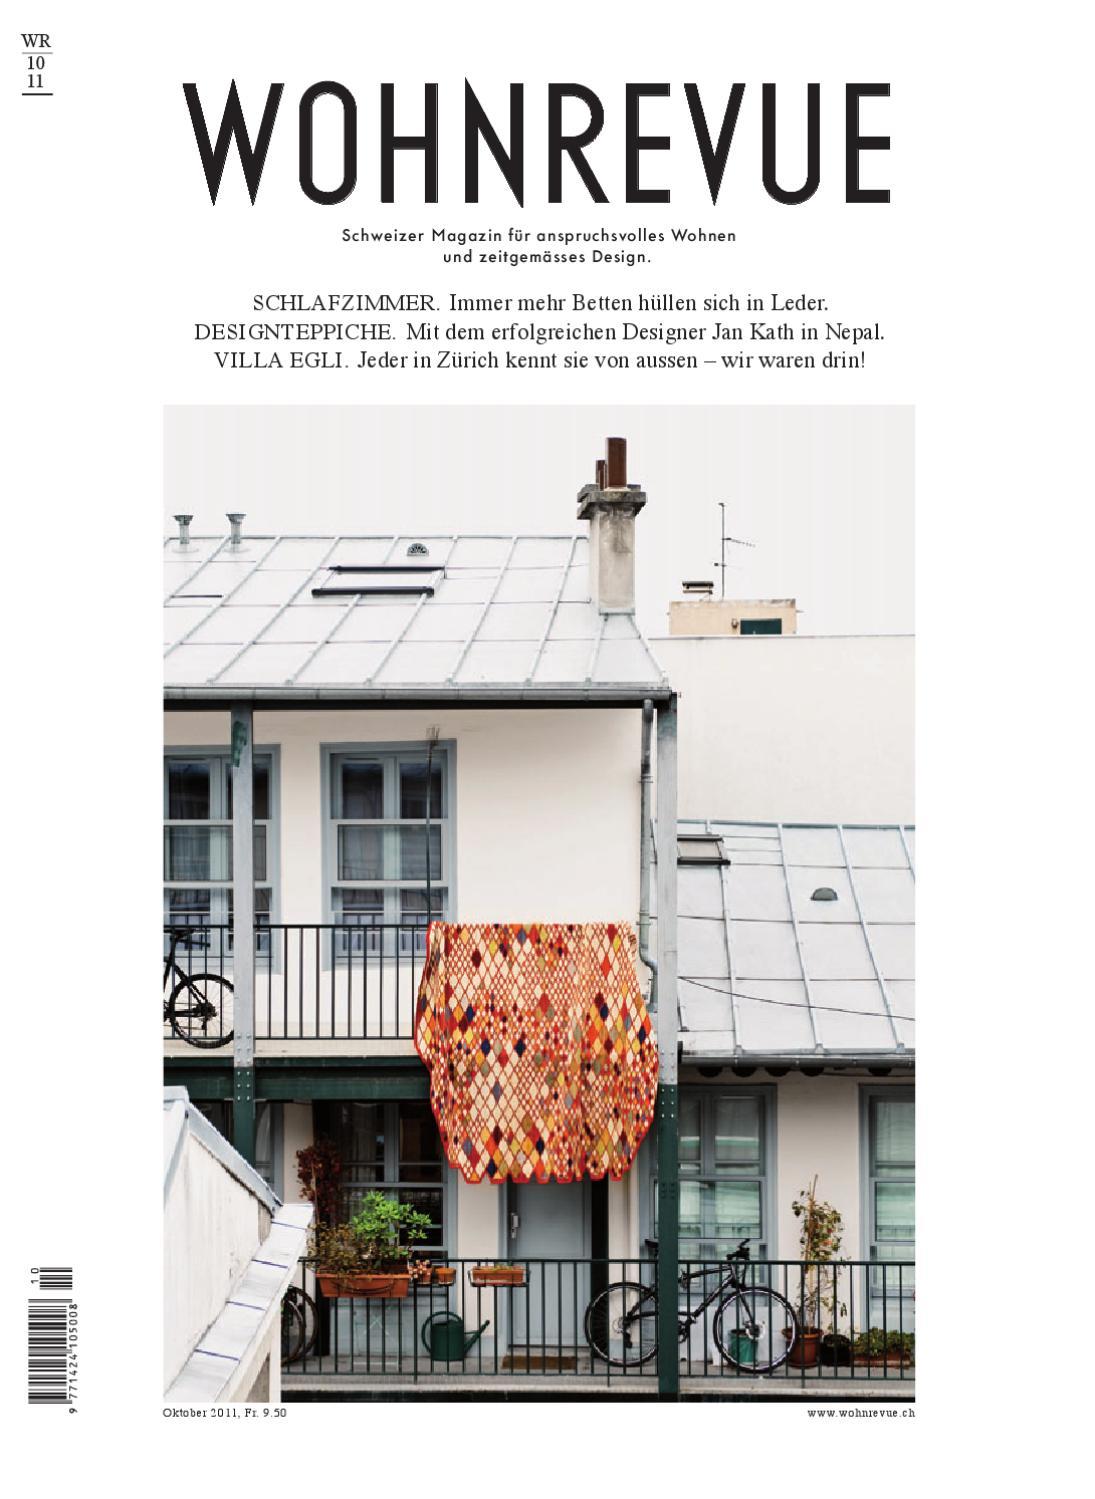 Wohnrevue 10 2011 by Boll Verlag - issuu